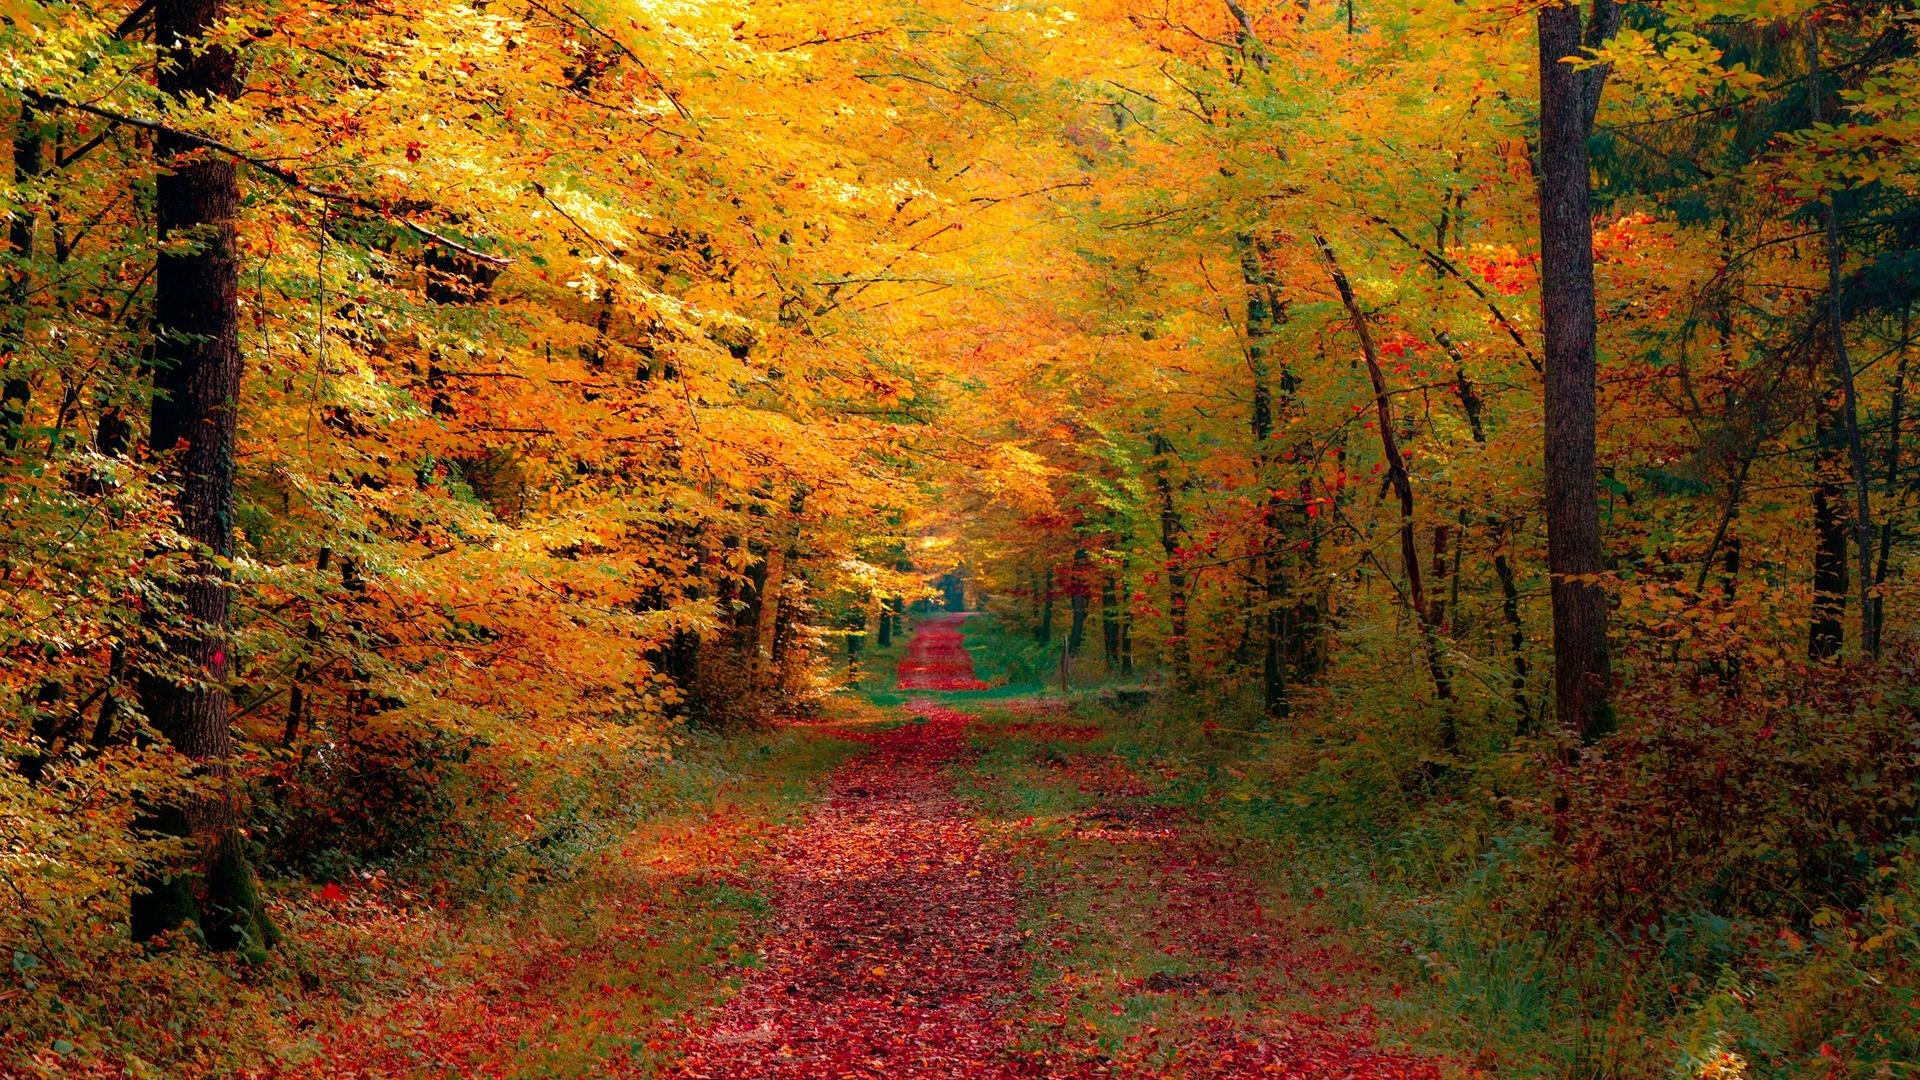 1920x1080 Autumn Forest desktop PC and Mac wallpaper 1920x1080